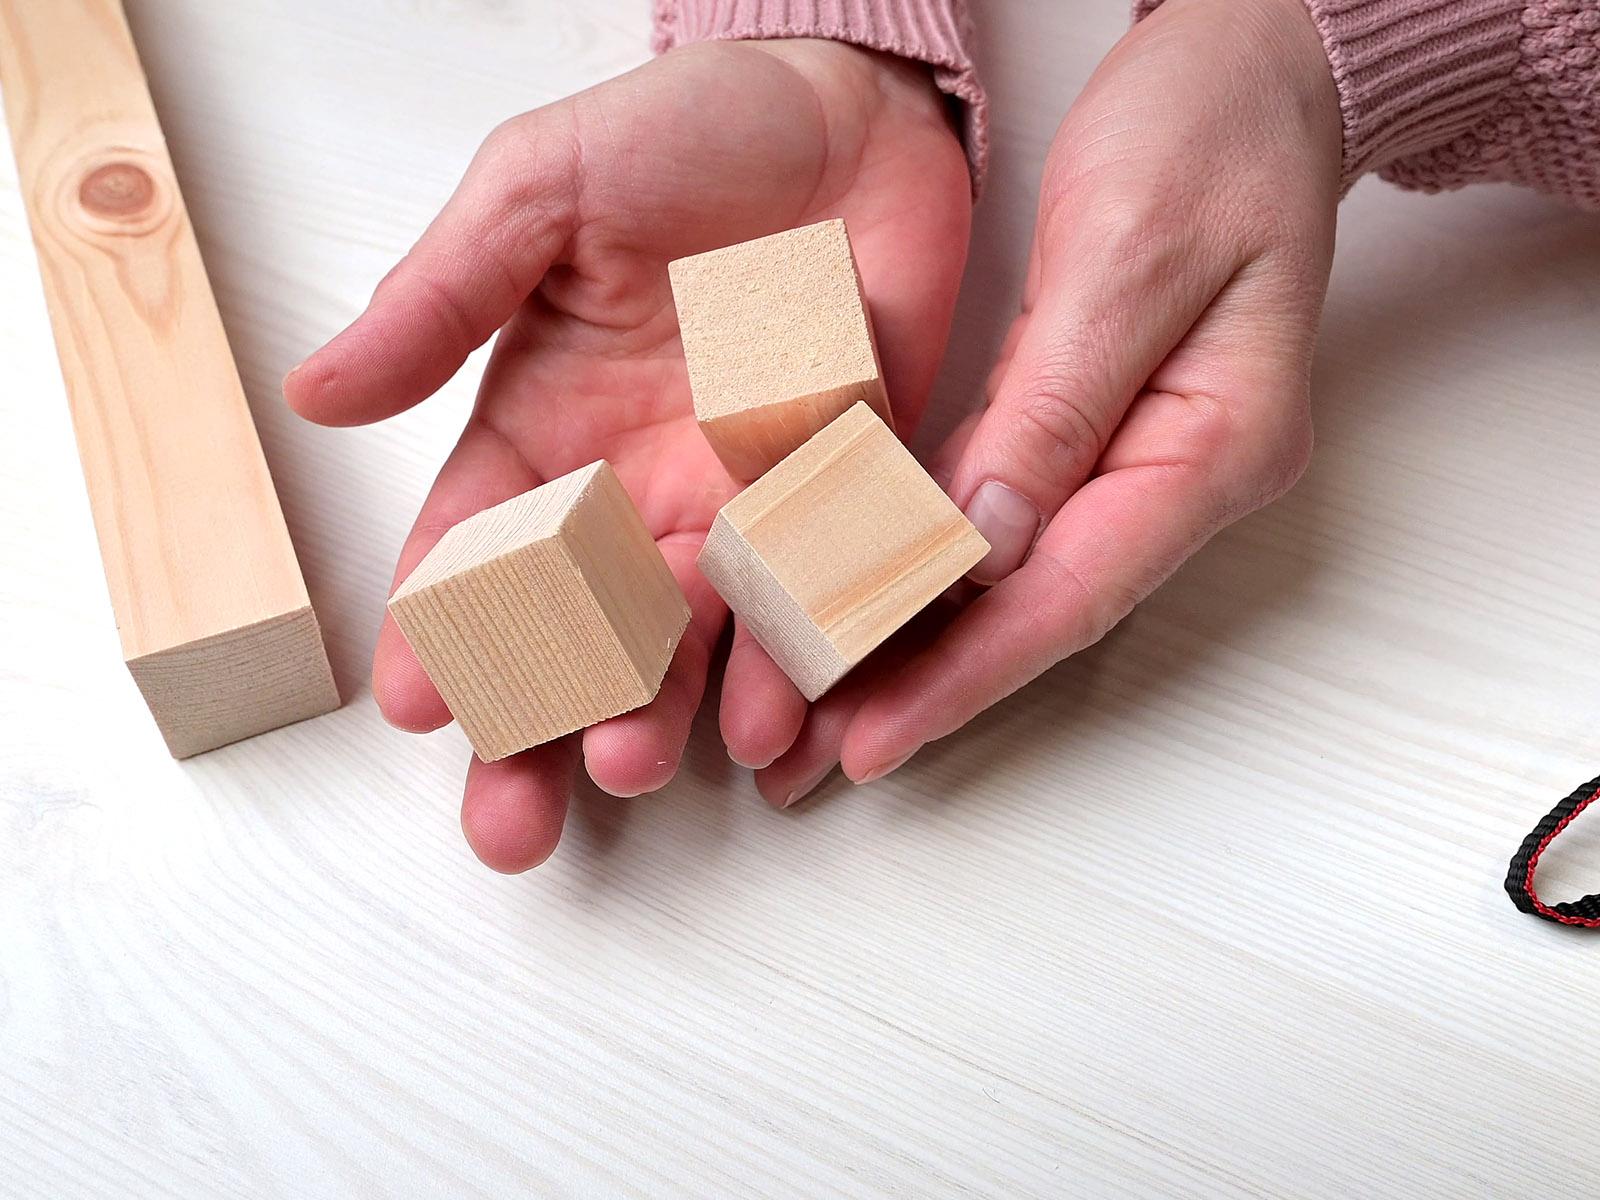 3x3 cm oldalú natúr fa kockák fenyő barkácslécből darabolva.